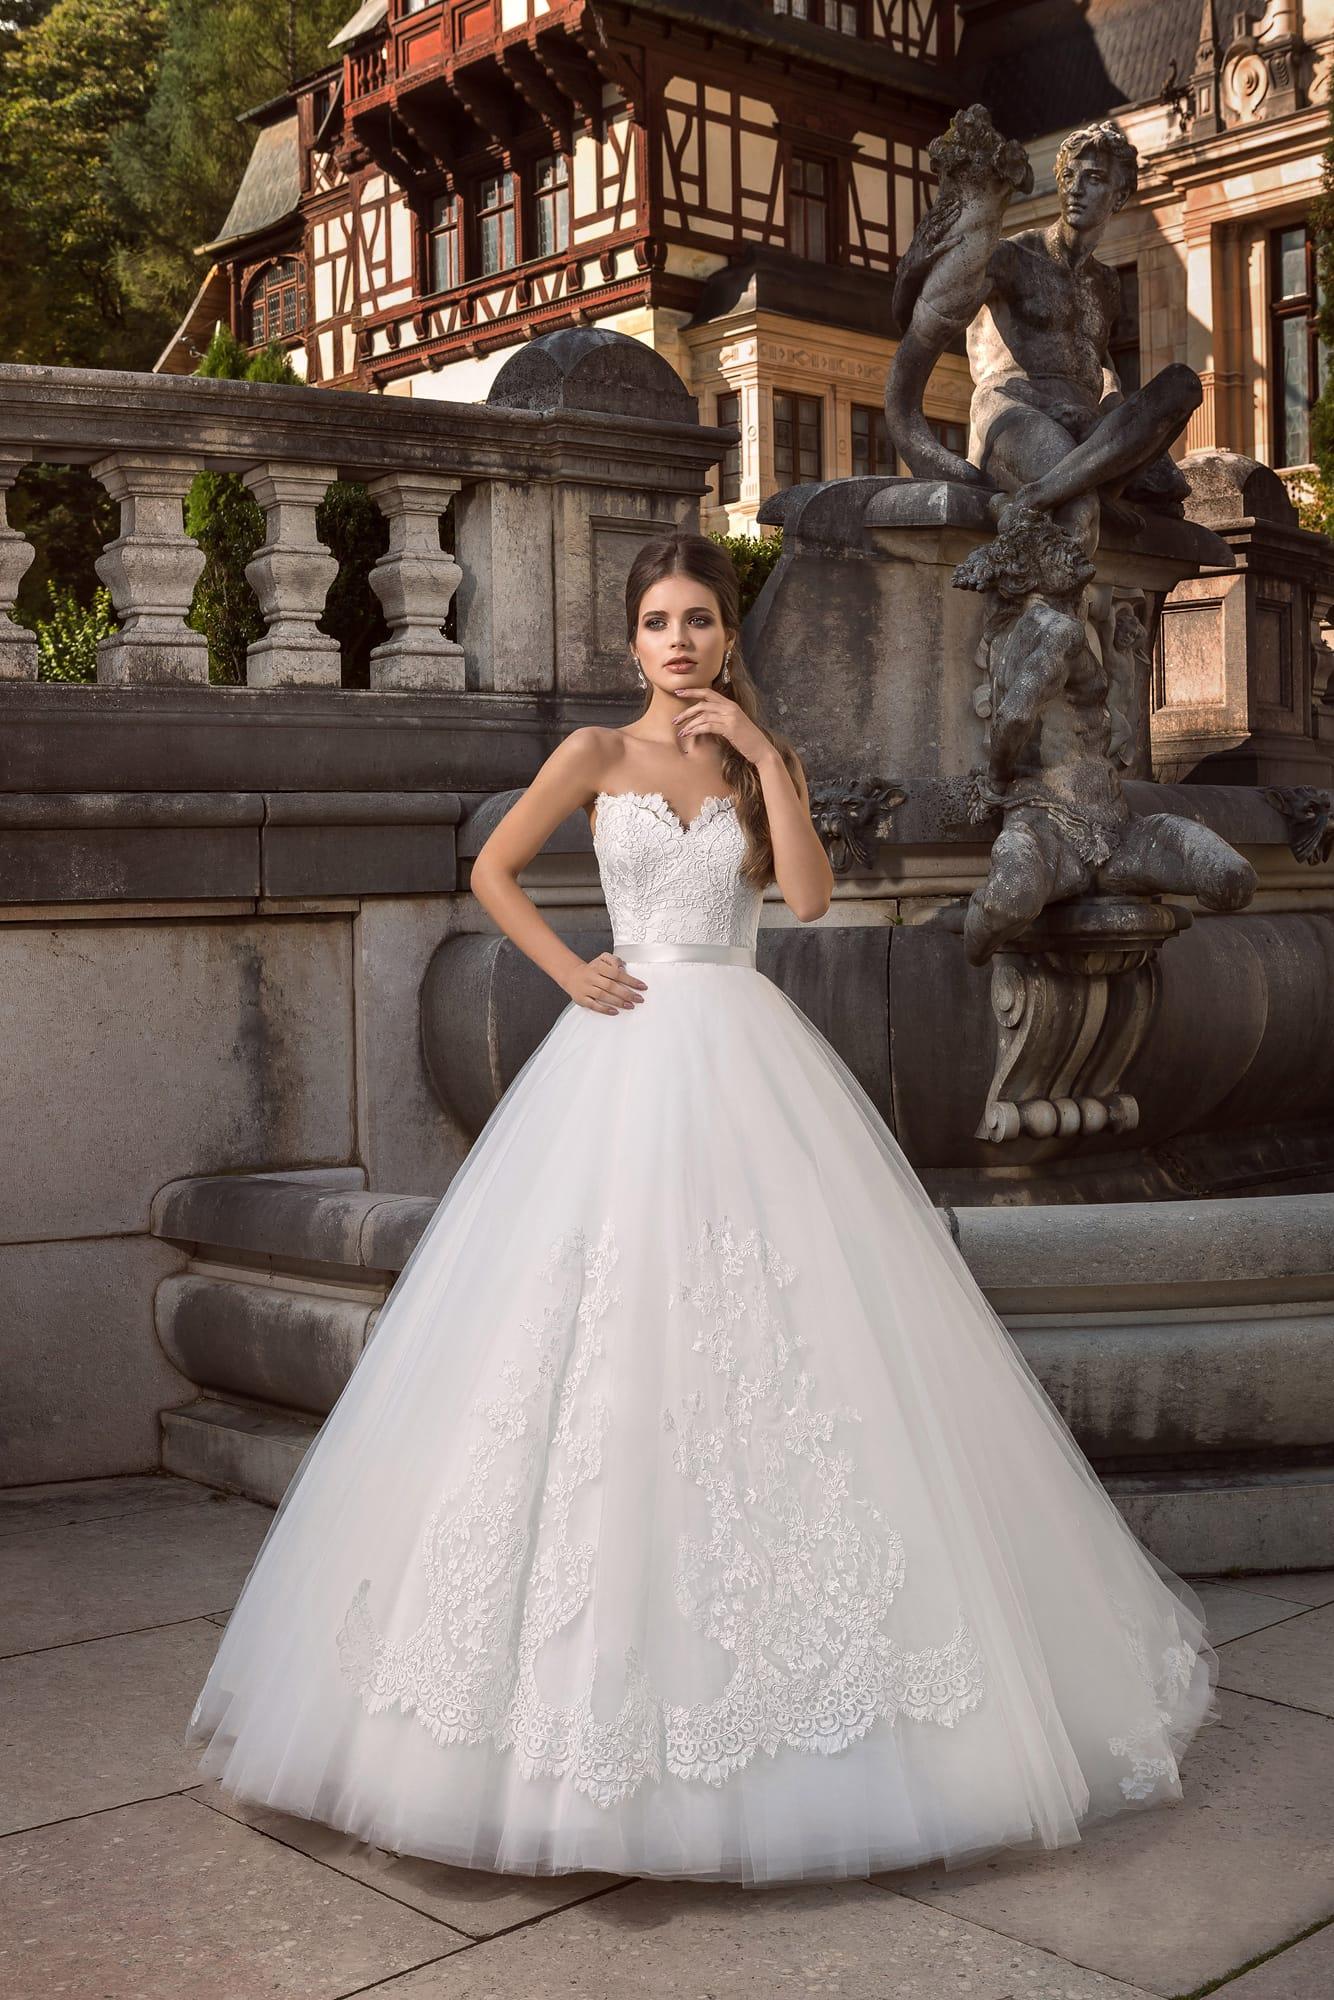 прокат свадебных платьев нижний новгород фото изображения, которые наилучшим